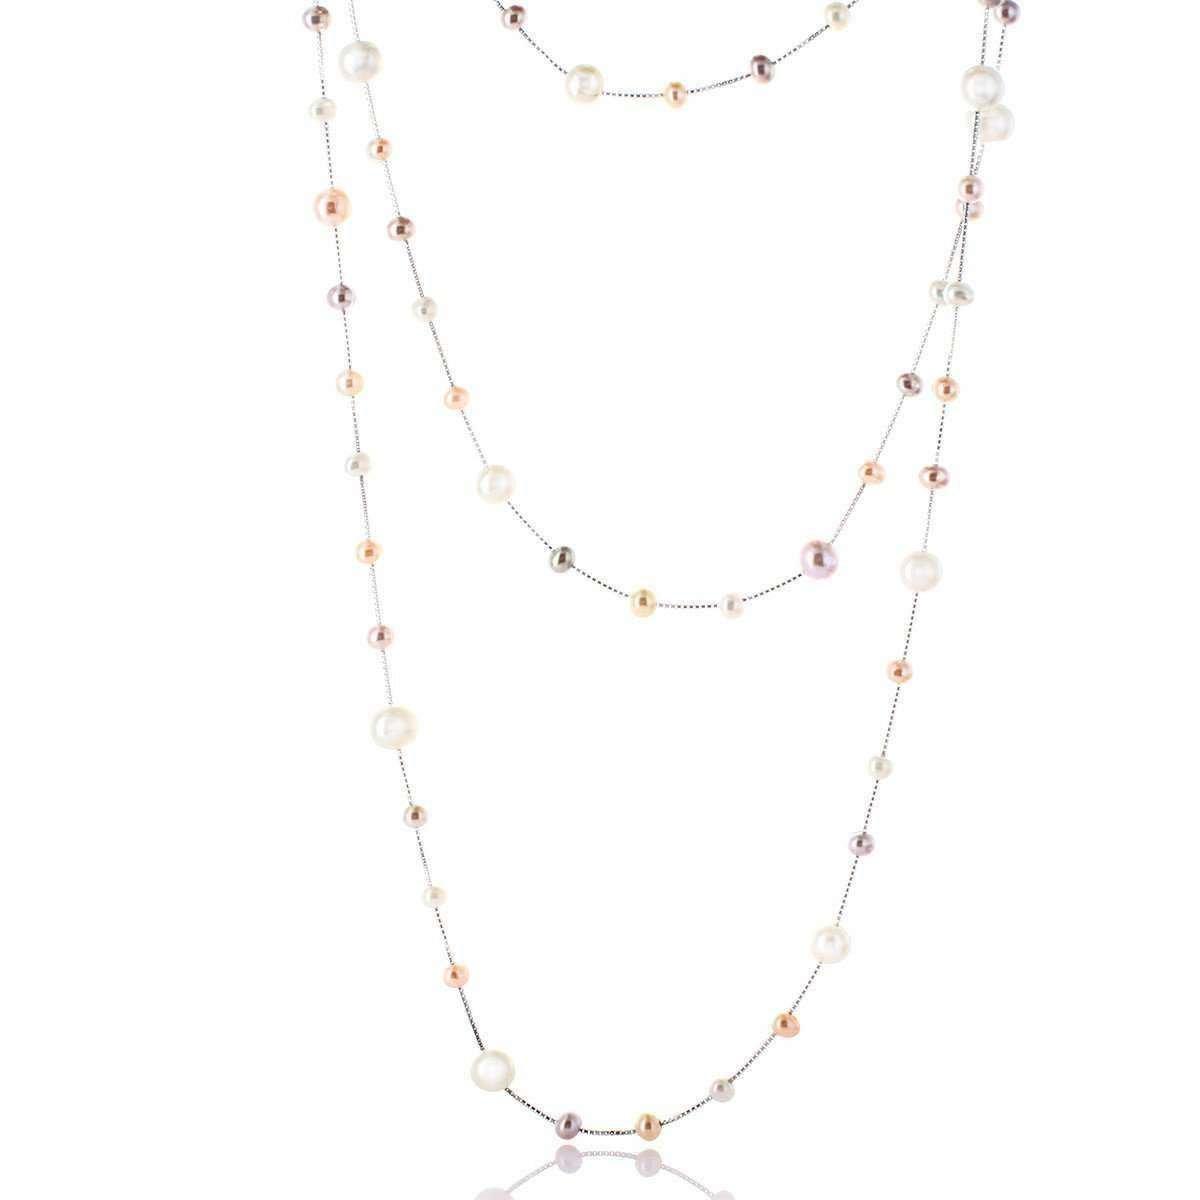 Multi-colour Freshwater Pearl Silver Rope Necklace - Brian Gavin Diamonds